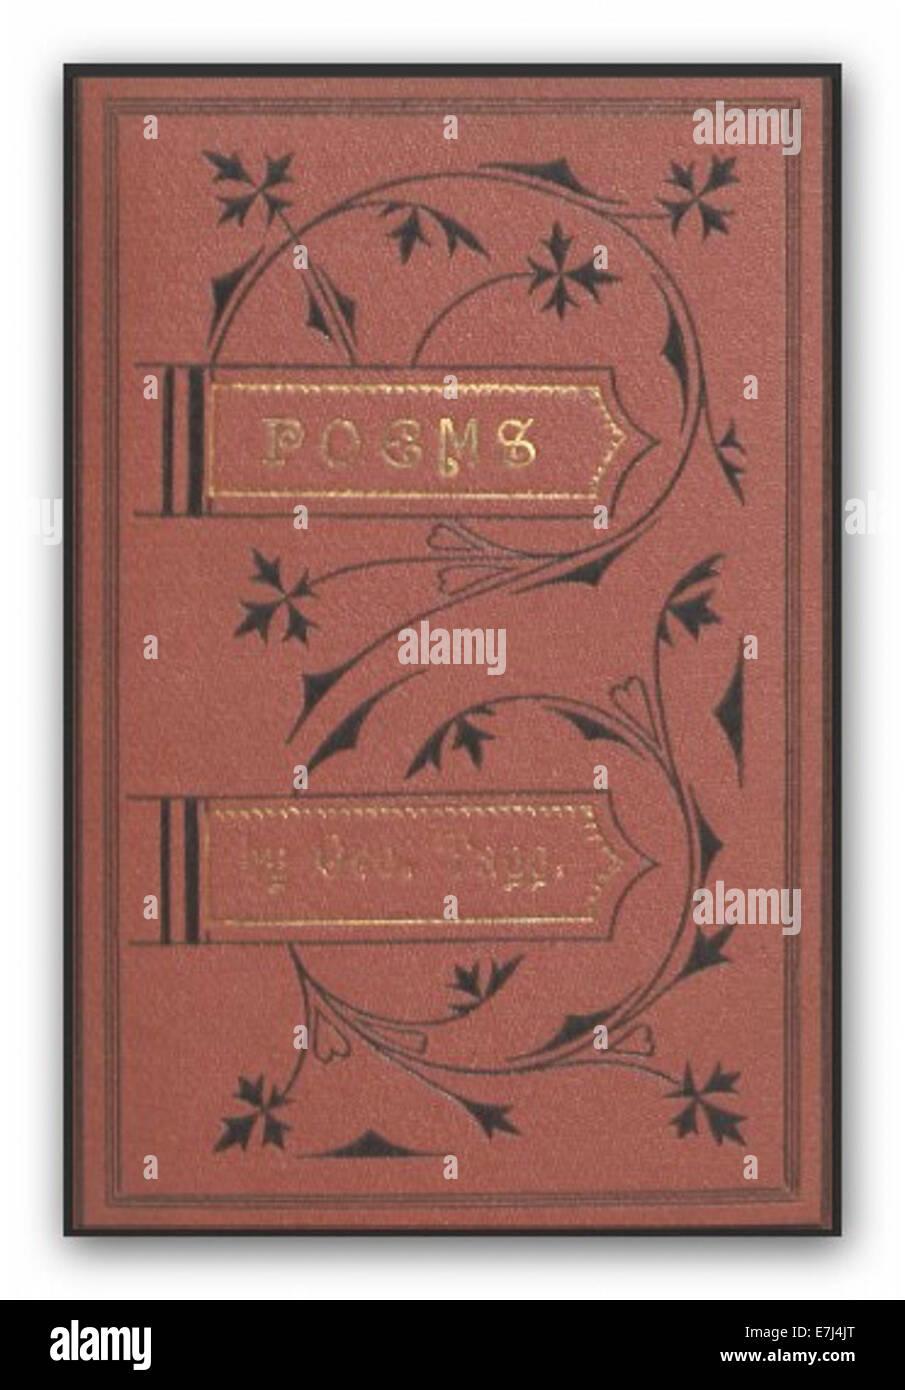 TAGG(1874) Poèmes Banque D'Images